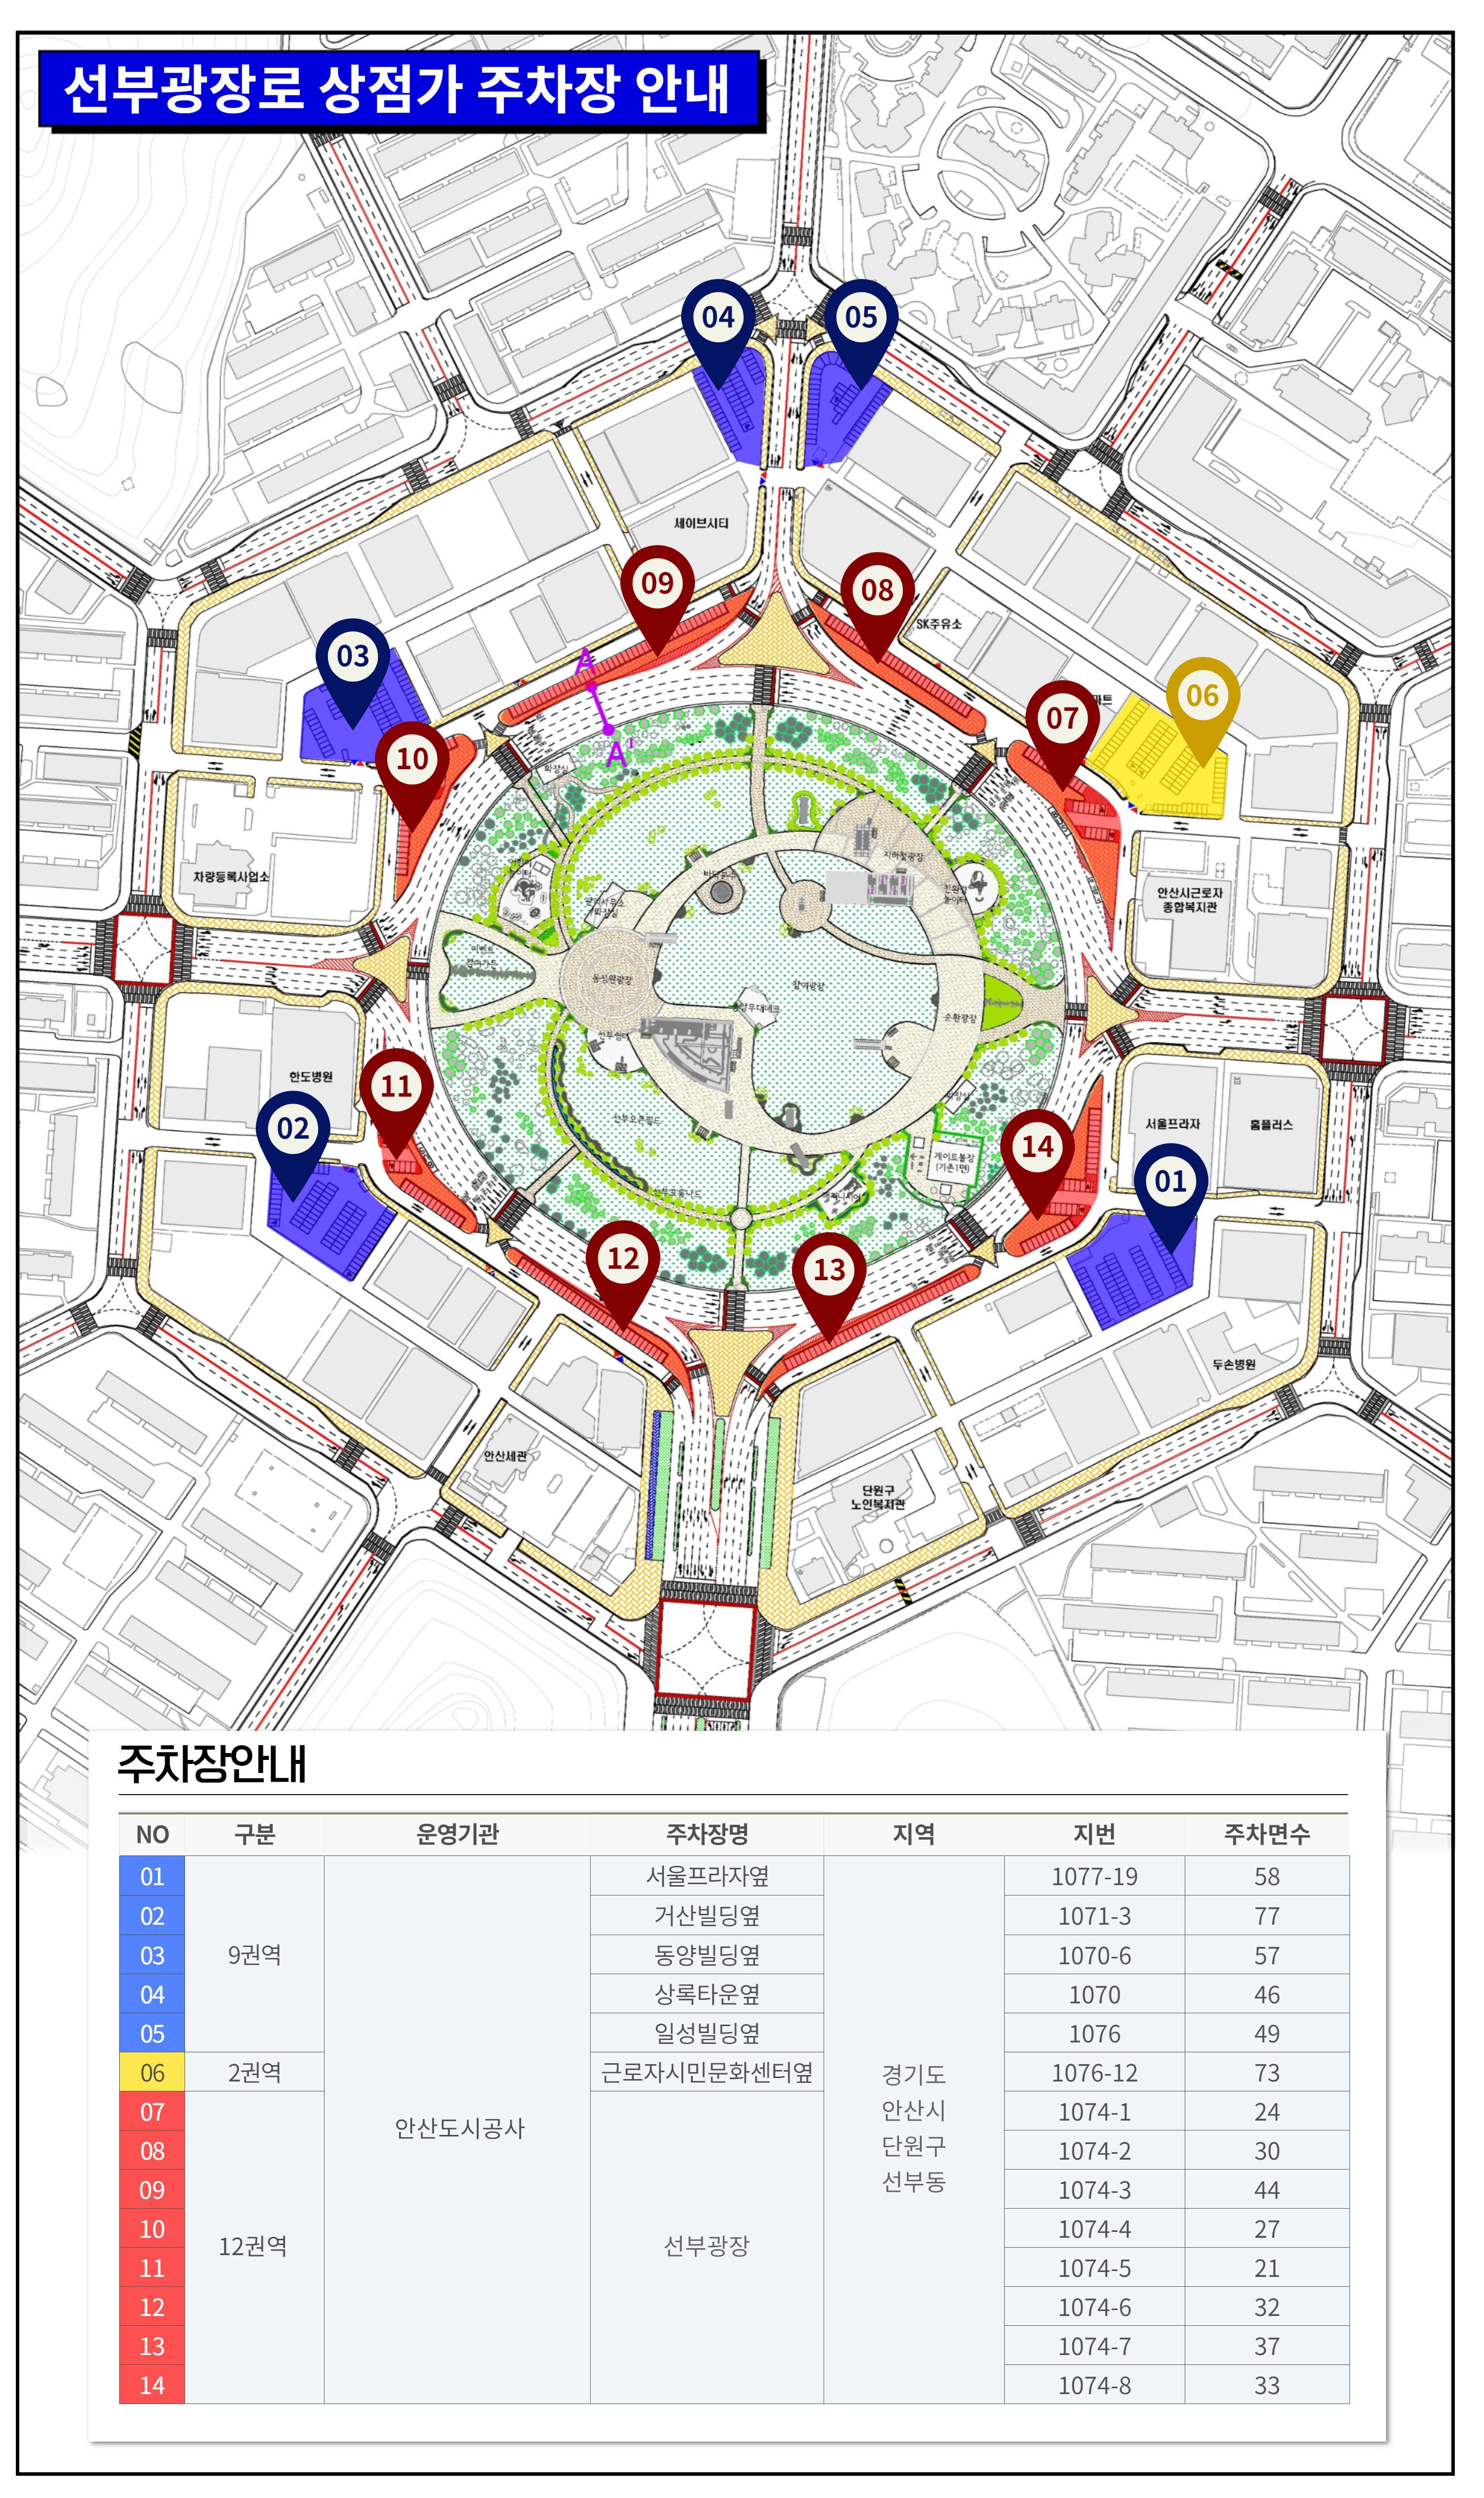 주차장 지도 이미지